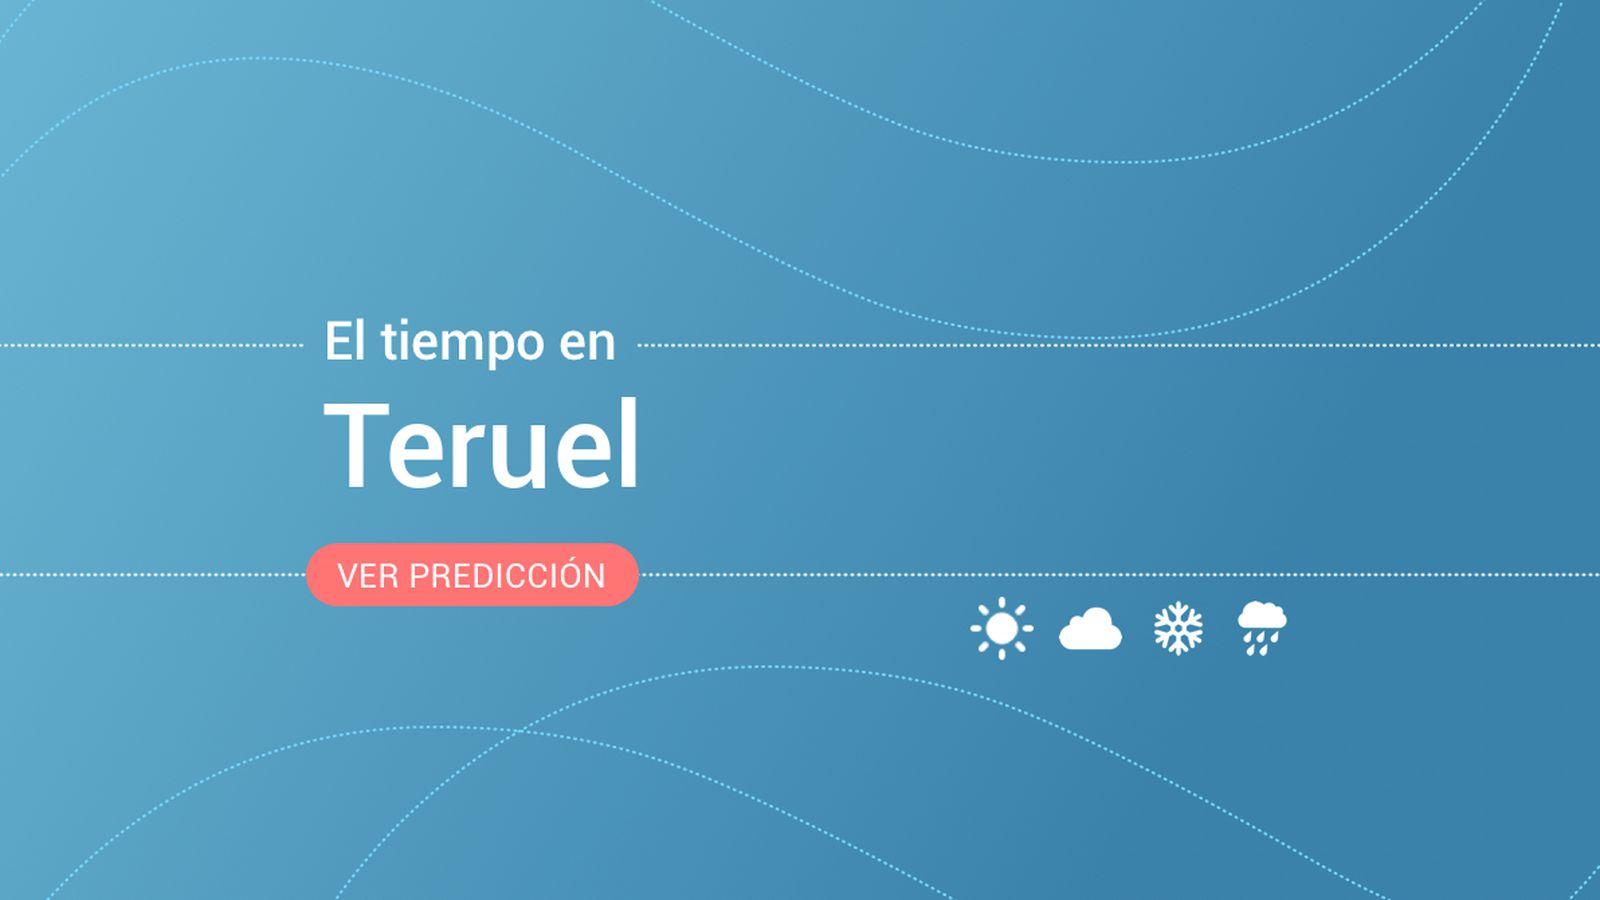 Foto: El tiempo en Teruel. (EC)